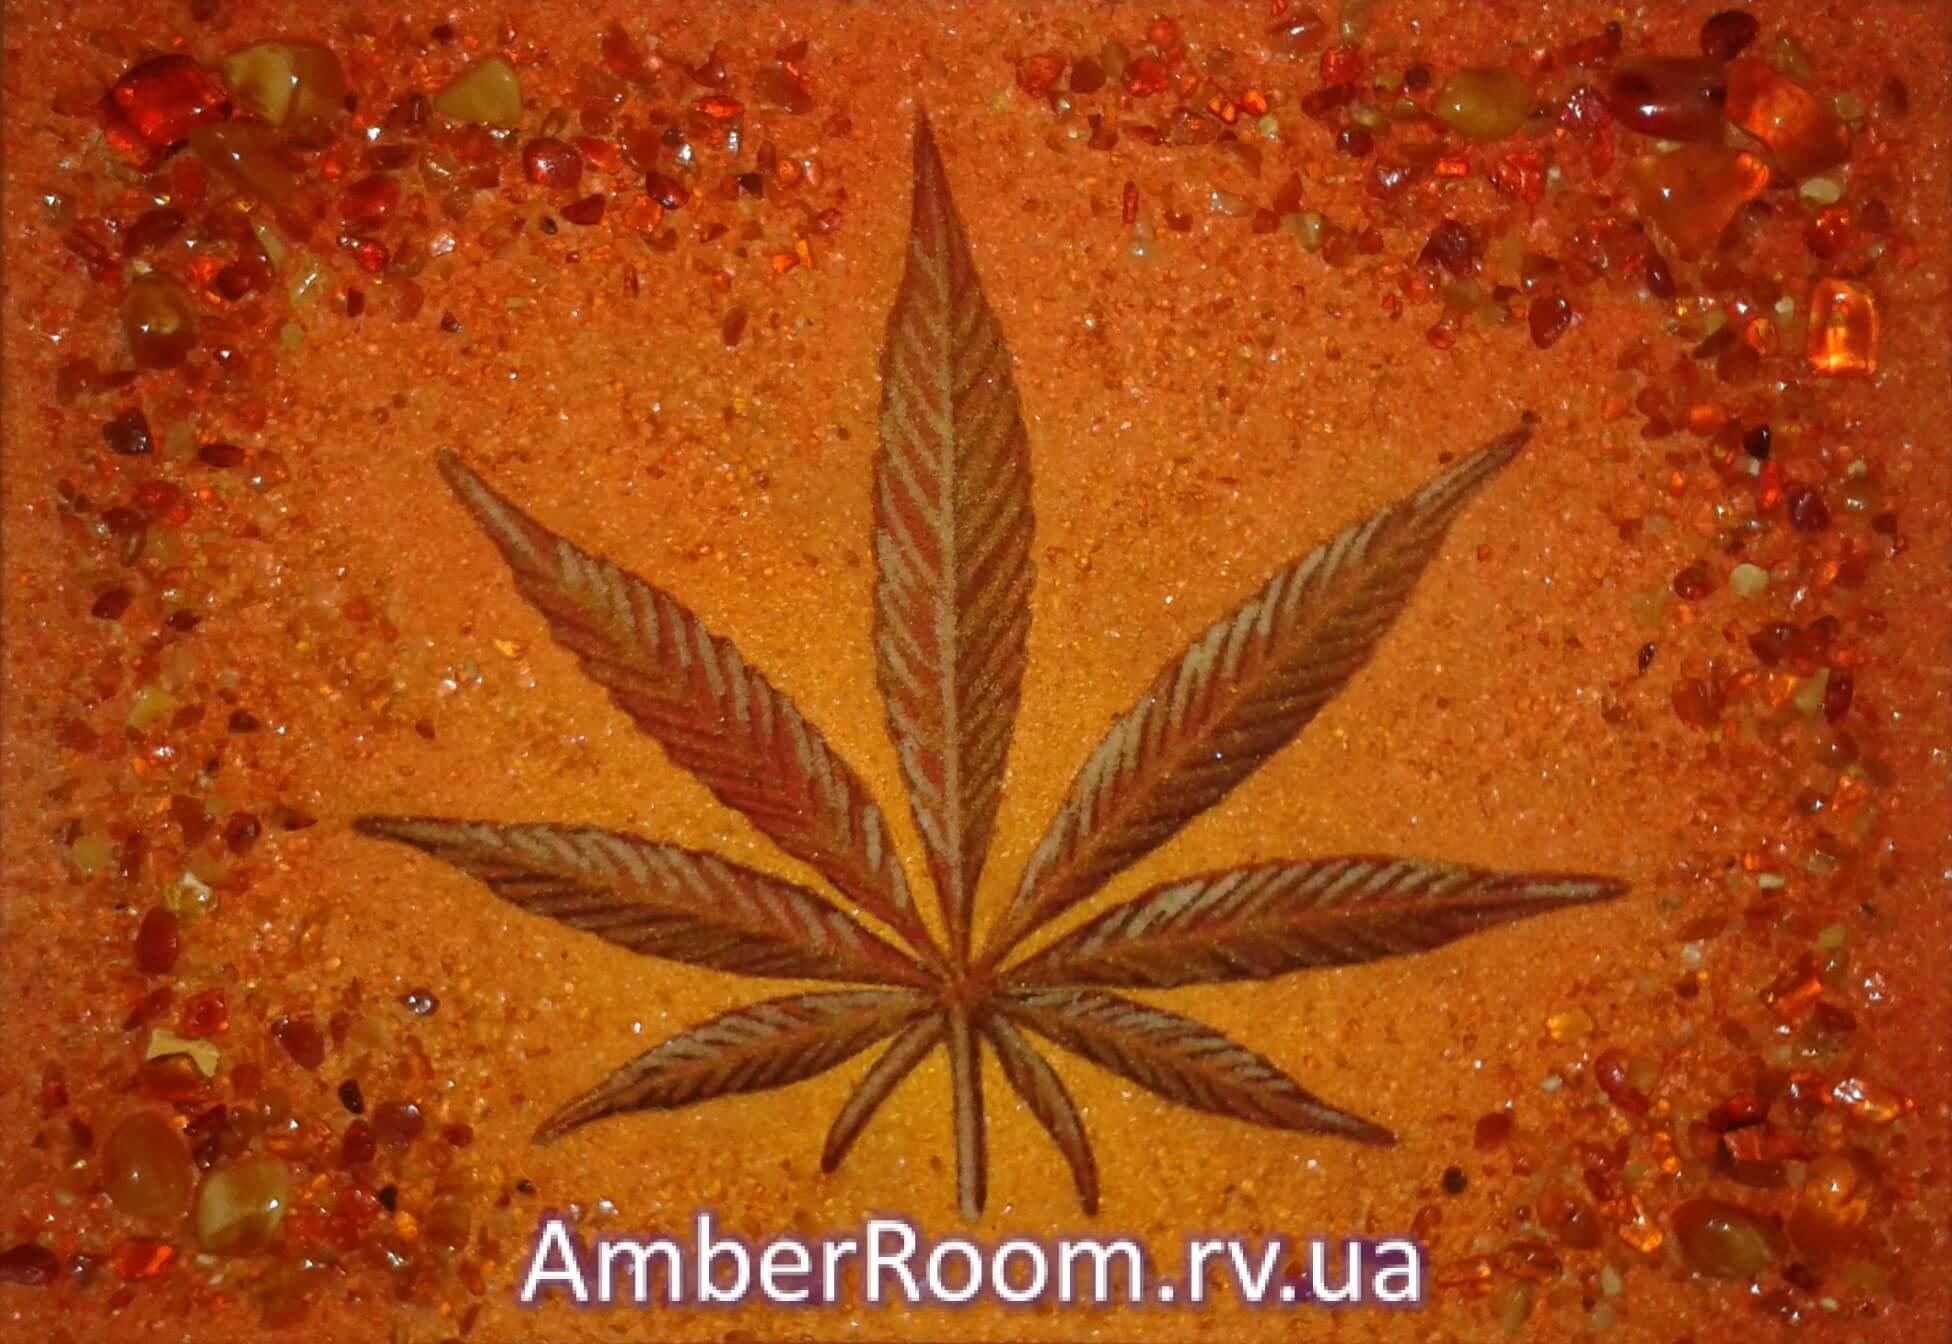 Конопля купить стоимость как выветрить марихуану из организма